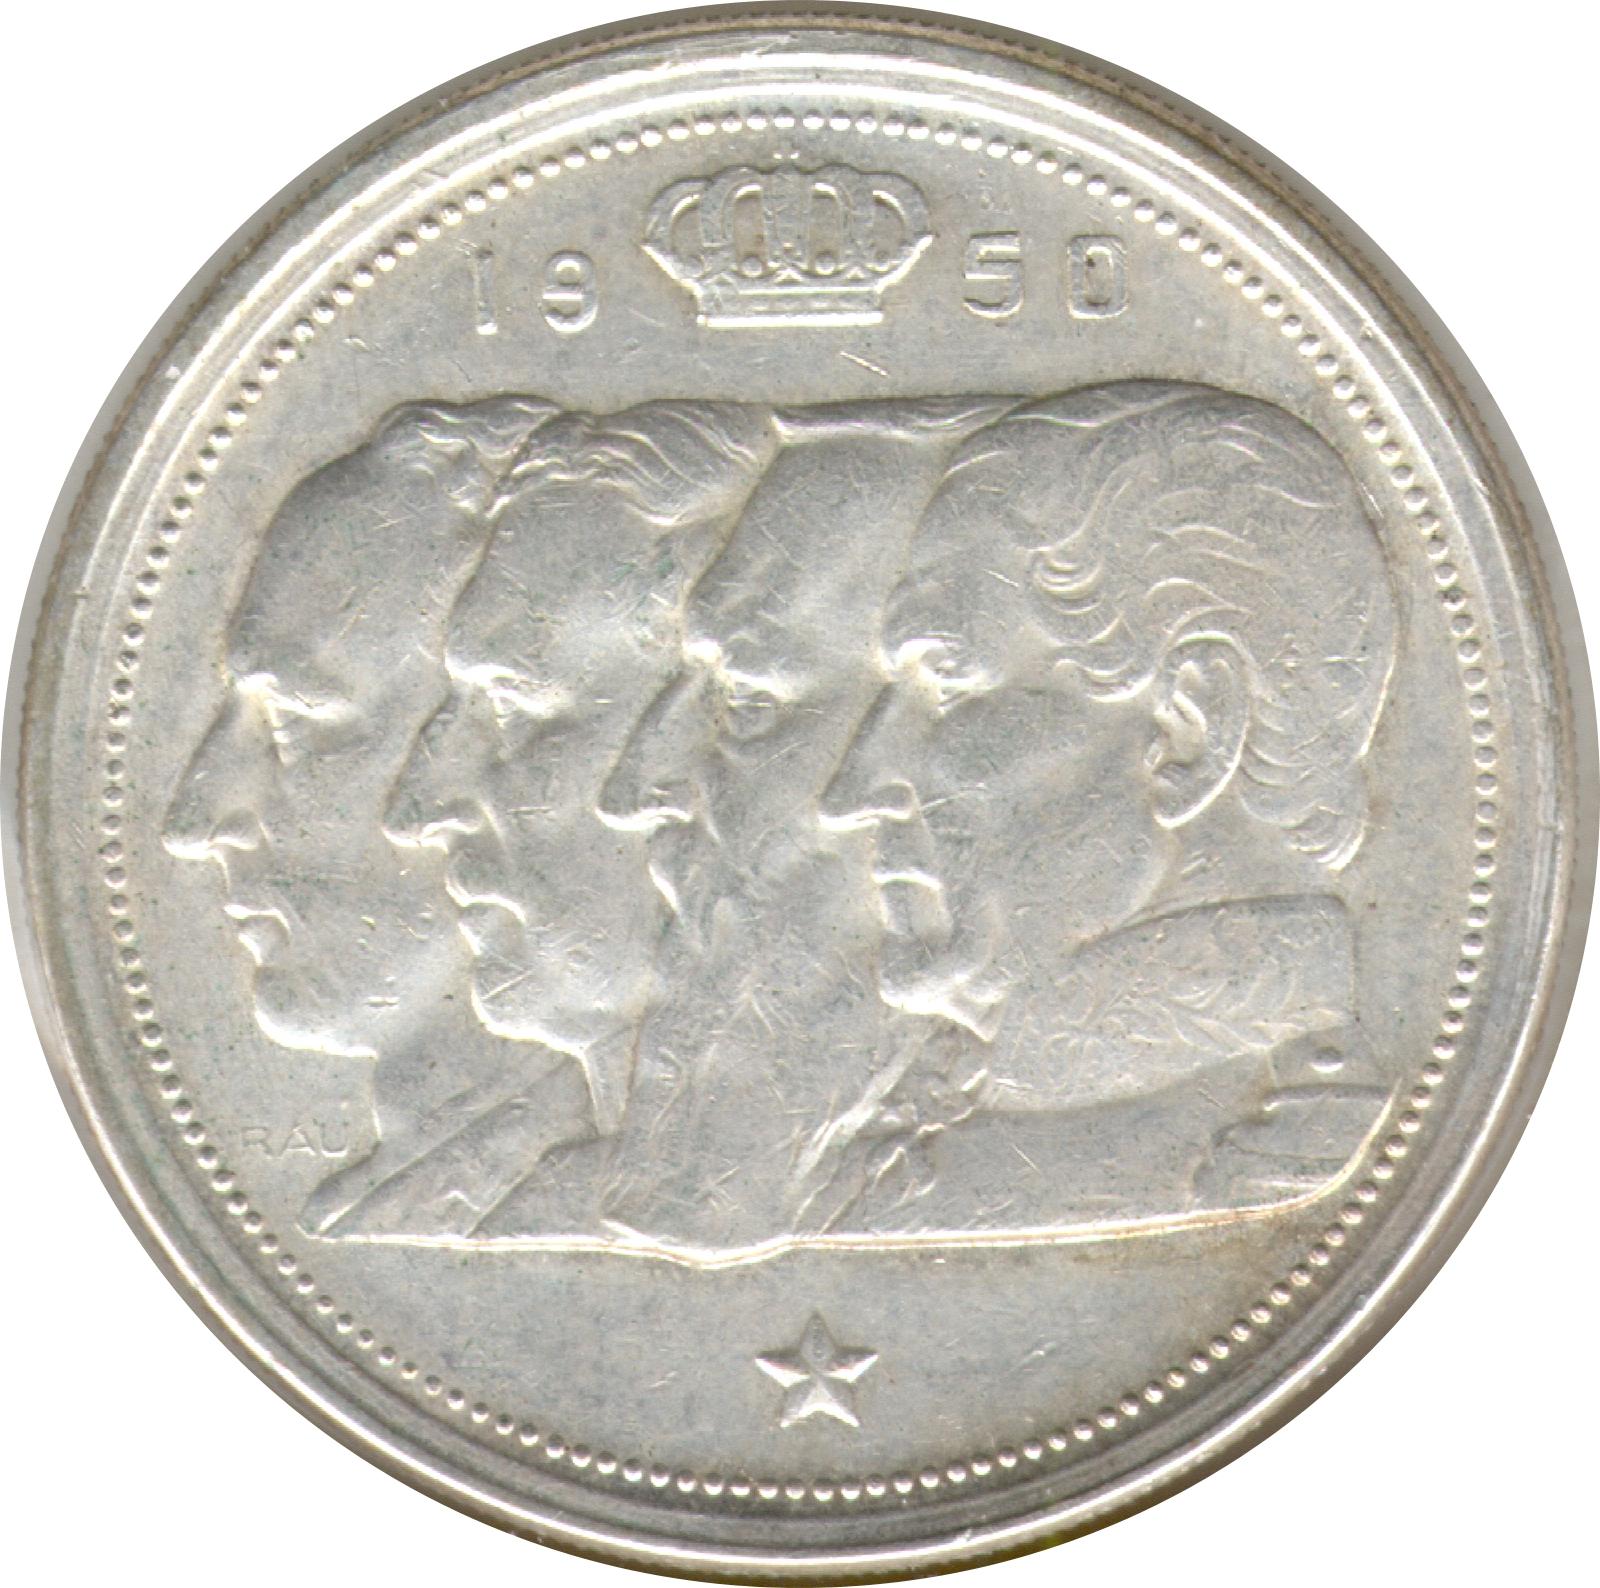 G 1948 10 Francs Value